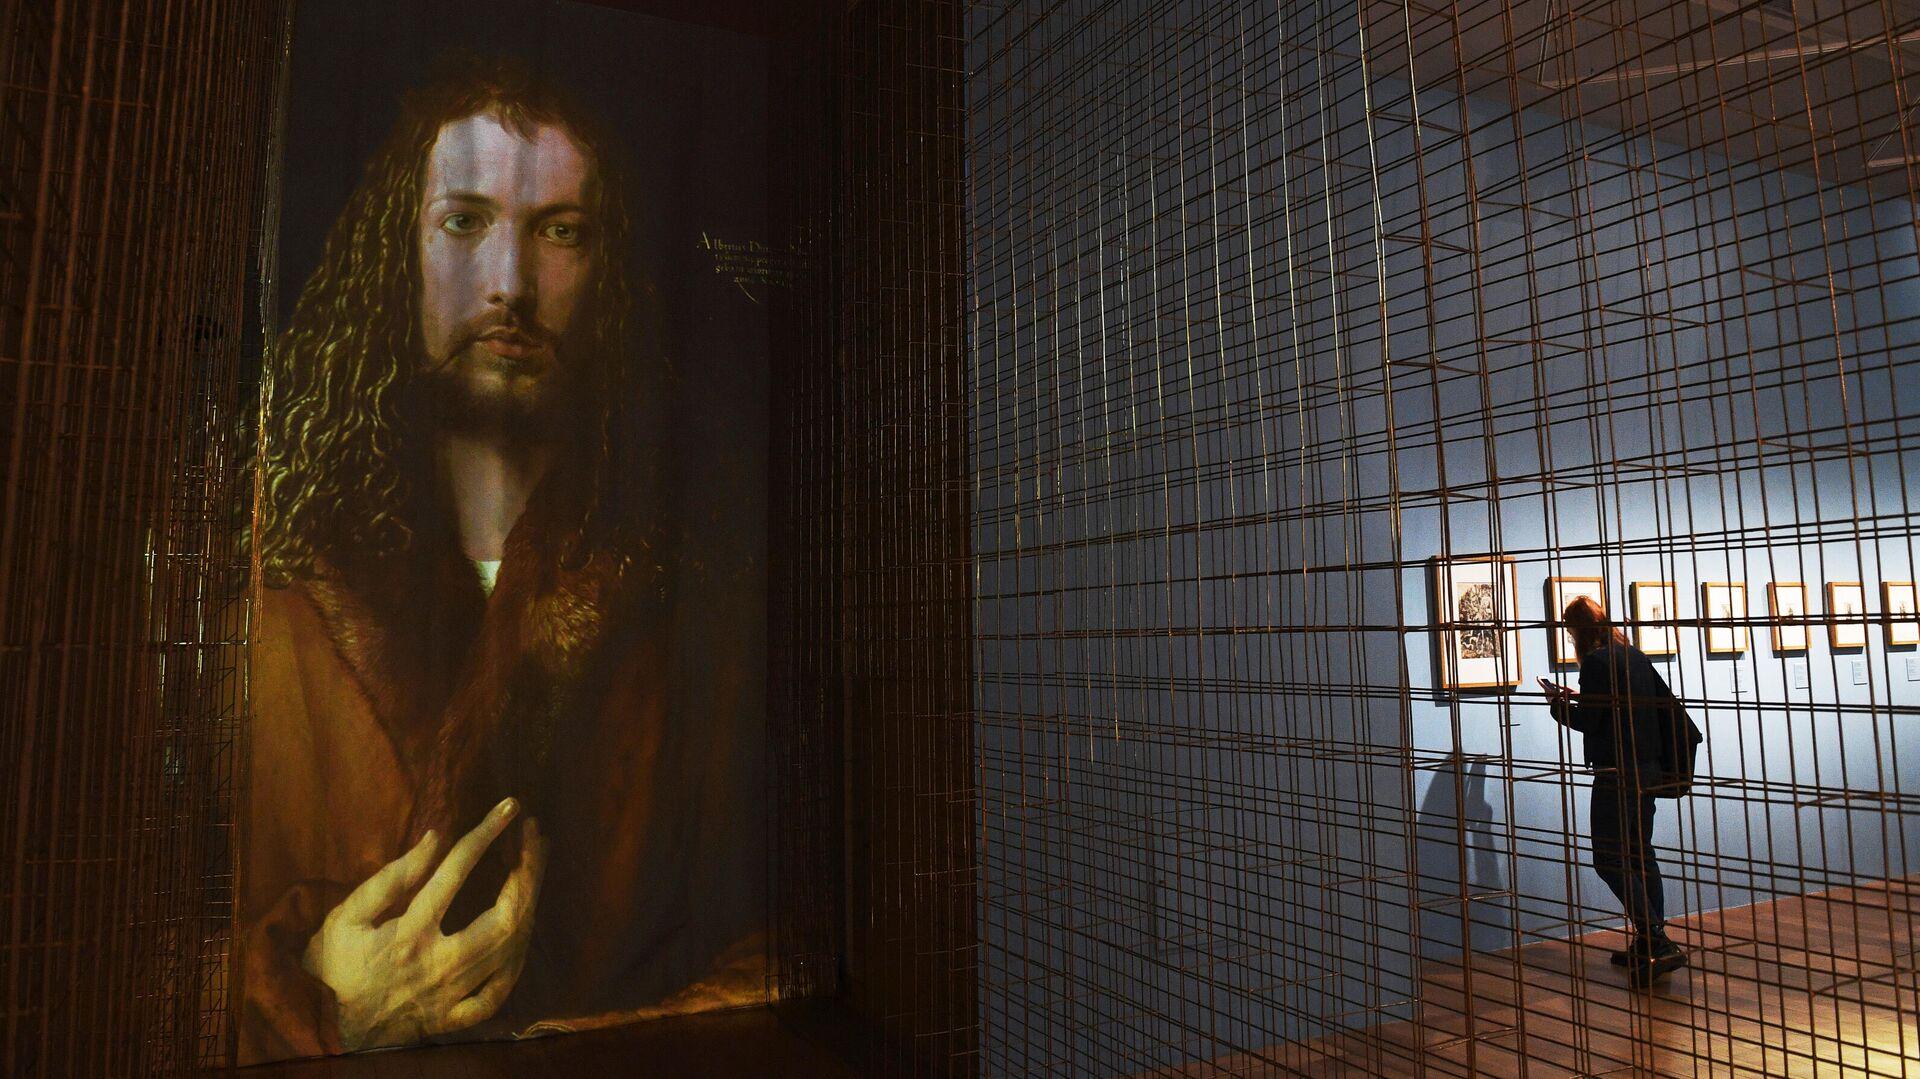 Знаменитый автопортрет Дюрера (цифровая копия) на выставке Альбрехт Дюрер. Шедевры гравюры - РИА Новости, 1920, 02.04.2021